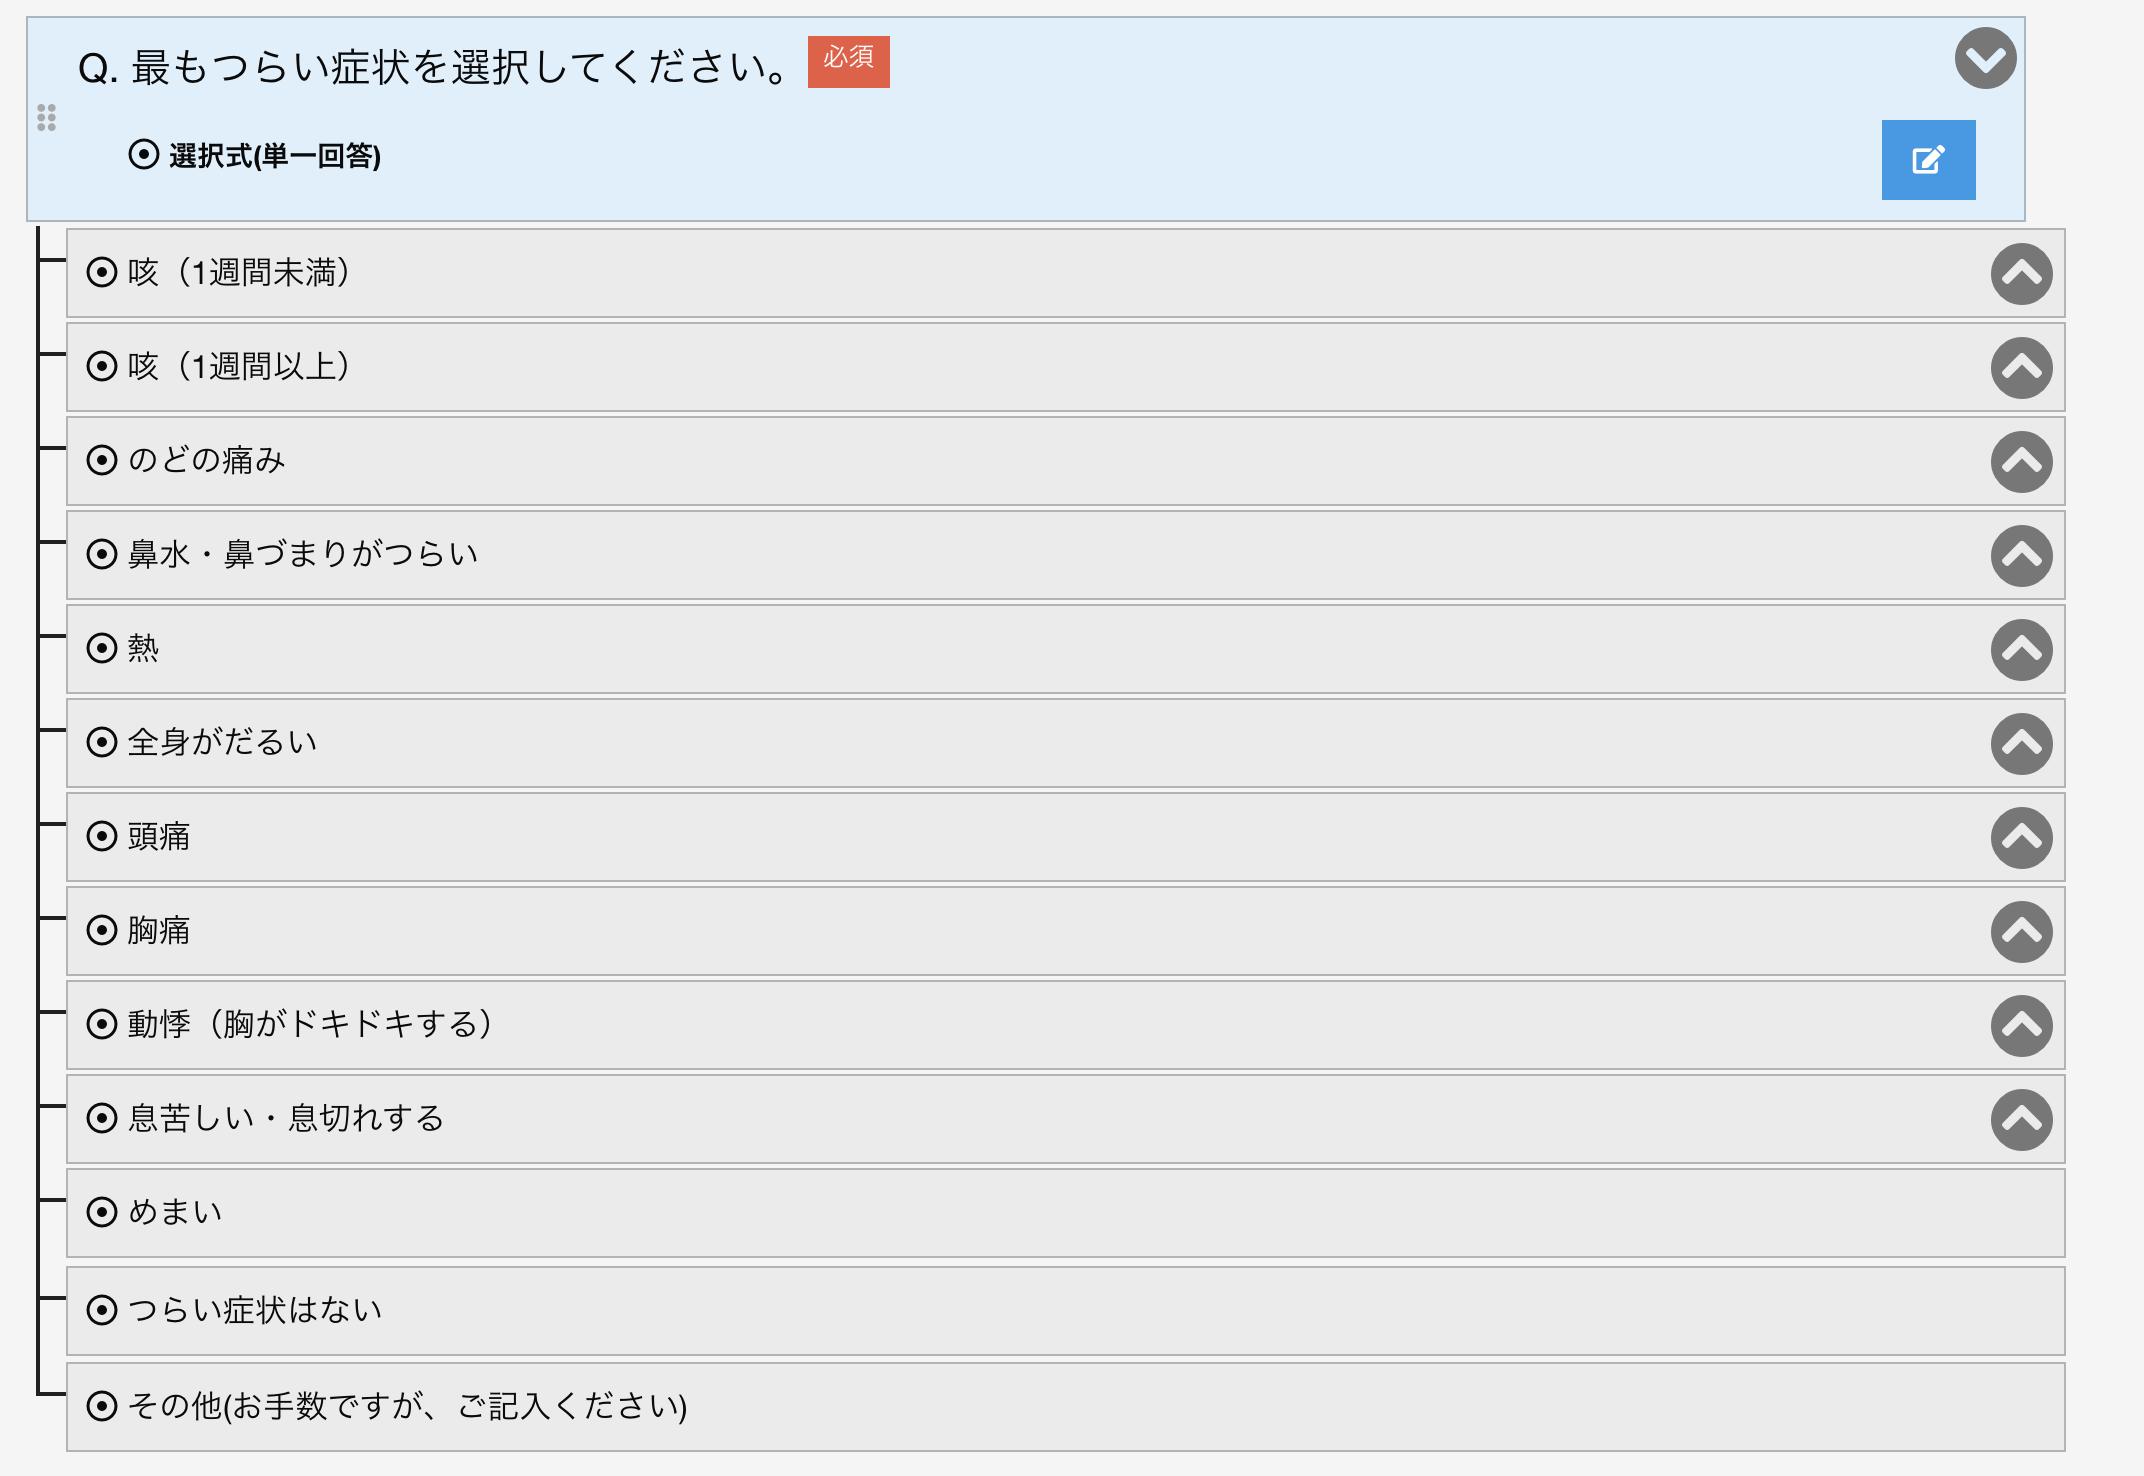 kinshicho-heart-monshin-5